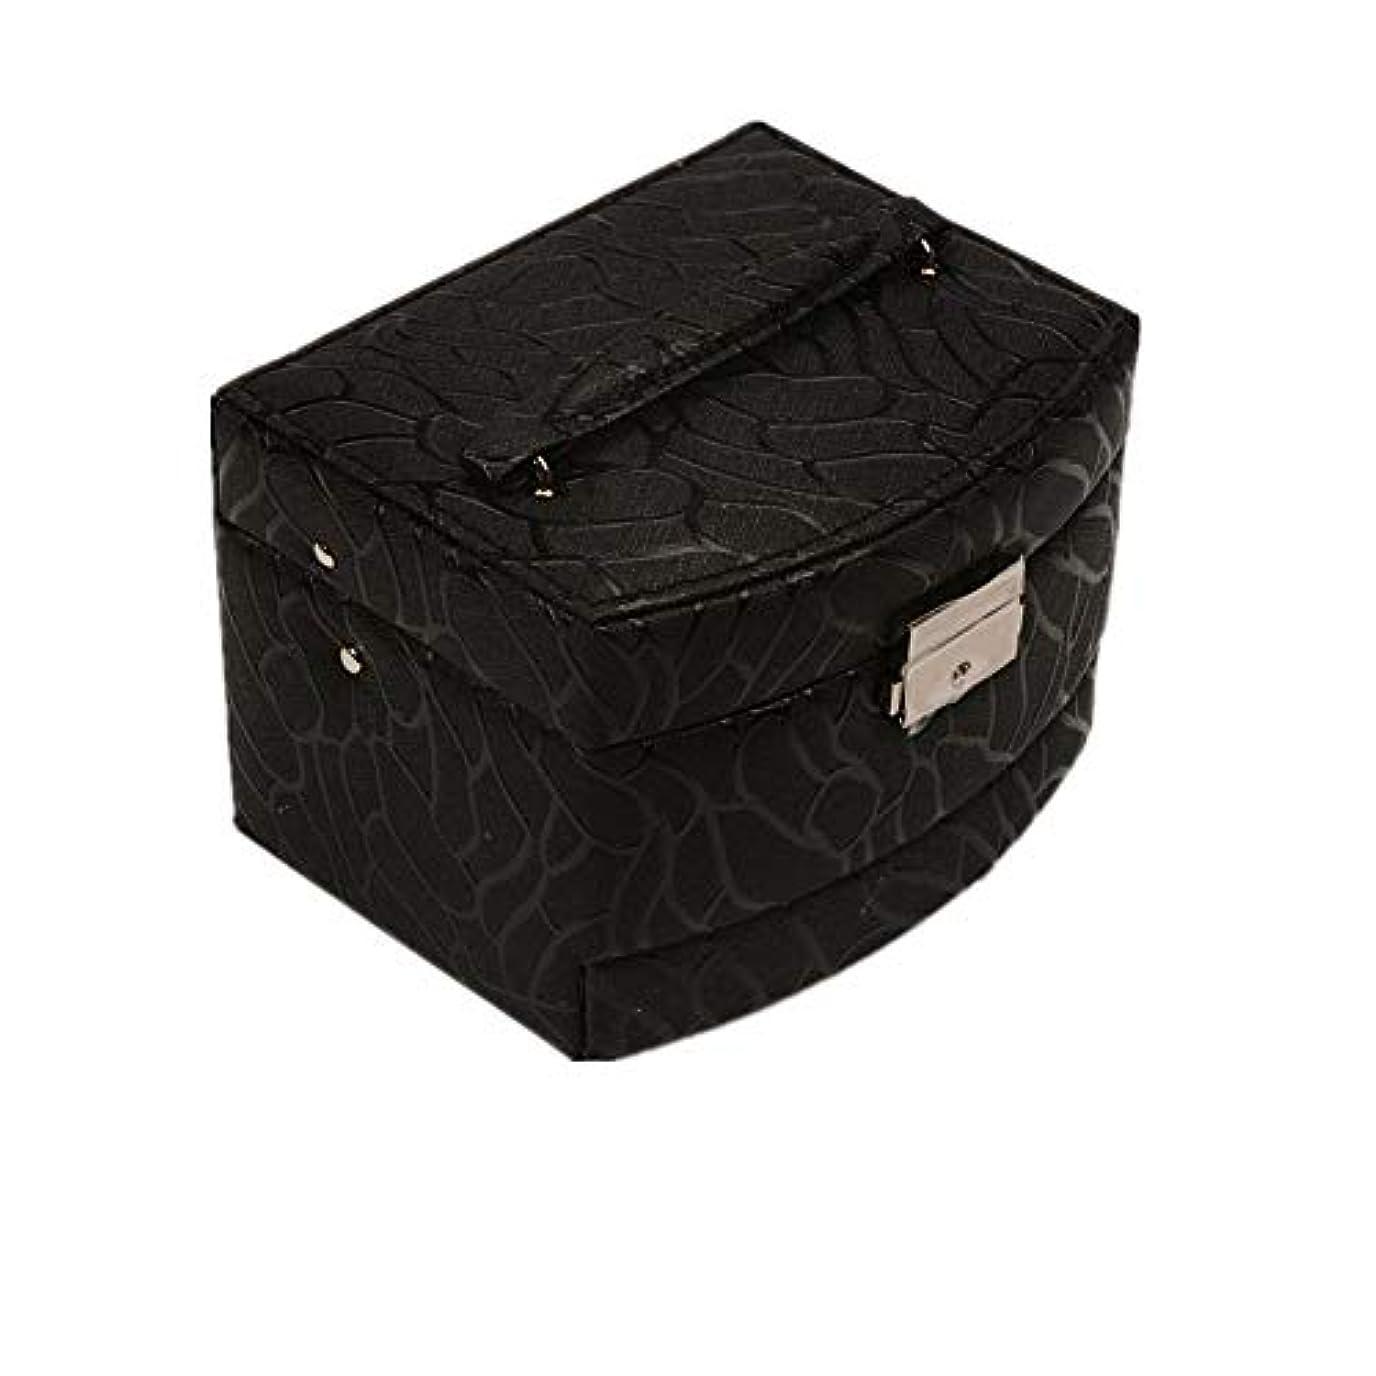 二十ジェム初期の化粧オーガナイザーバッグ 純粋な色のポータブル多層化粧品美容メイクアップ化粧ケースロックと化粧品ミラー 化粧品ケース